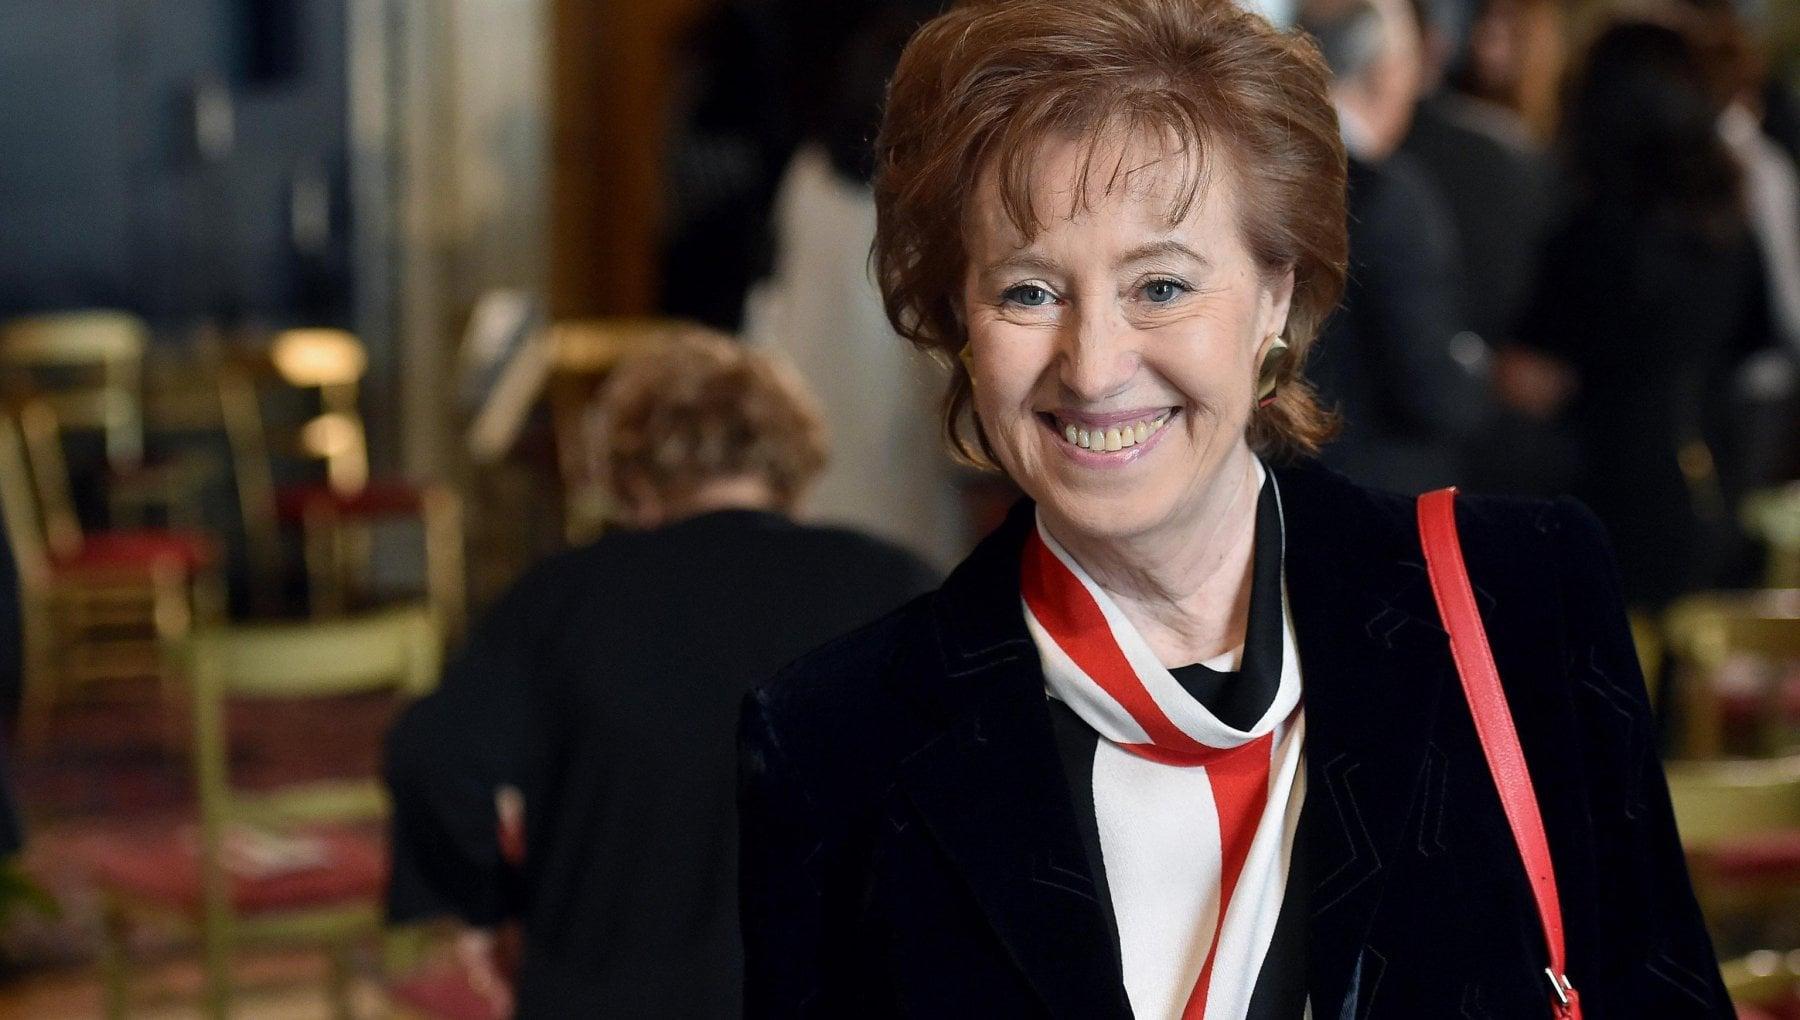 Da sindaca a manager gli ultimi 10 anni di Letizia Moratti tra San Patrignano impegni internazionali e vertici di aziende